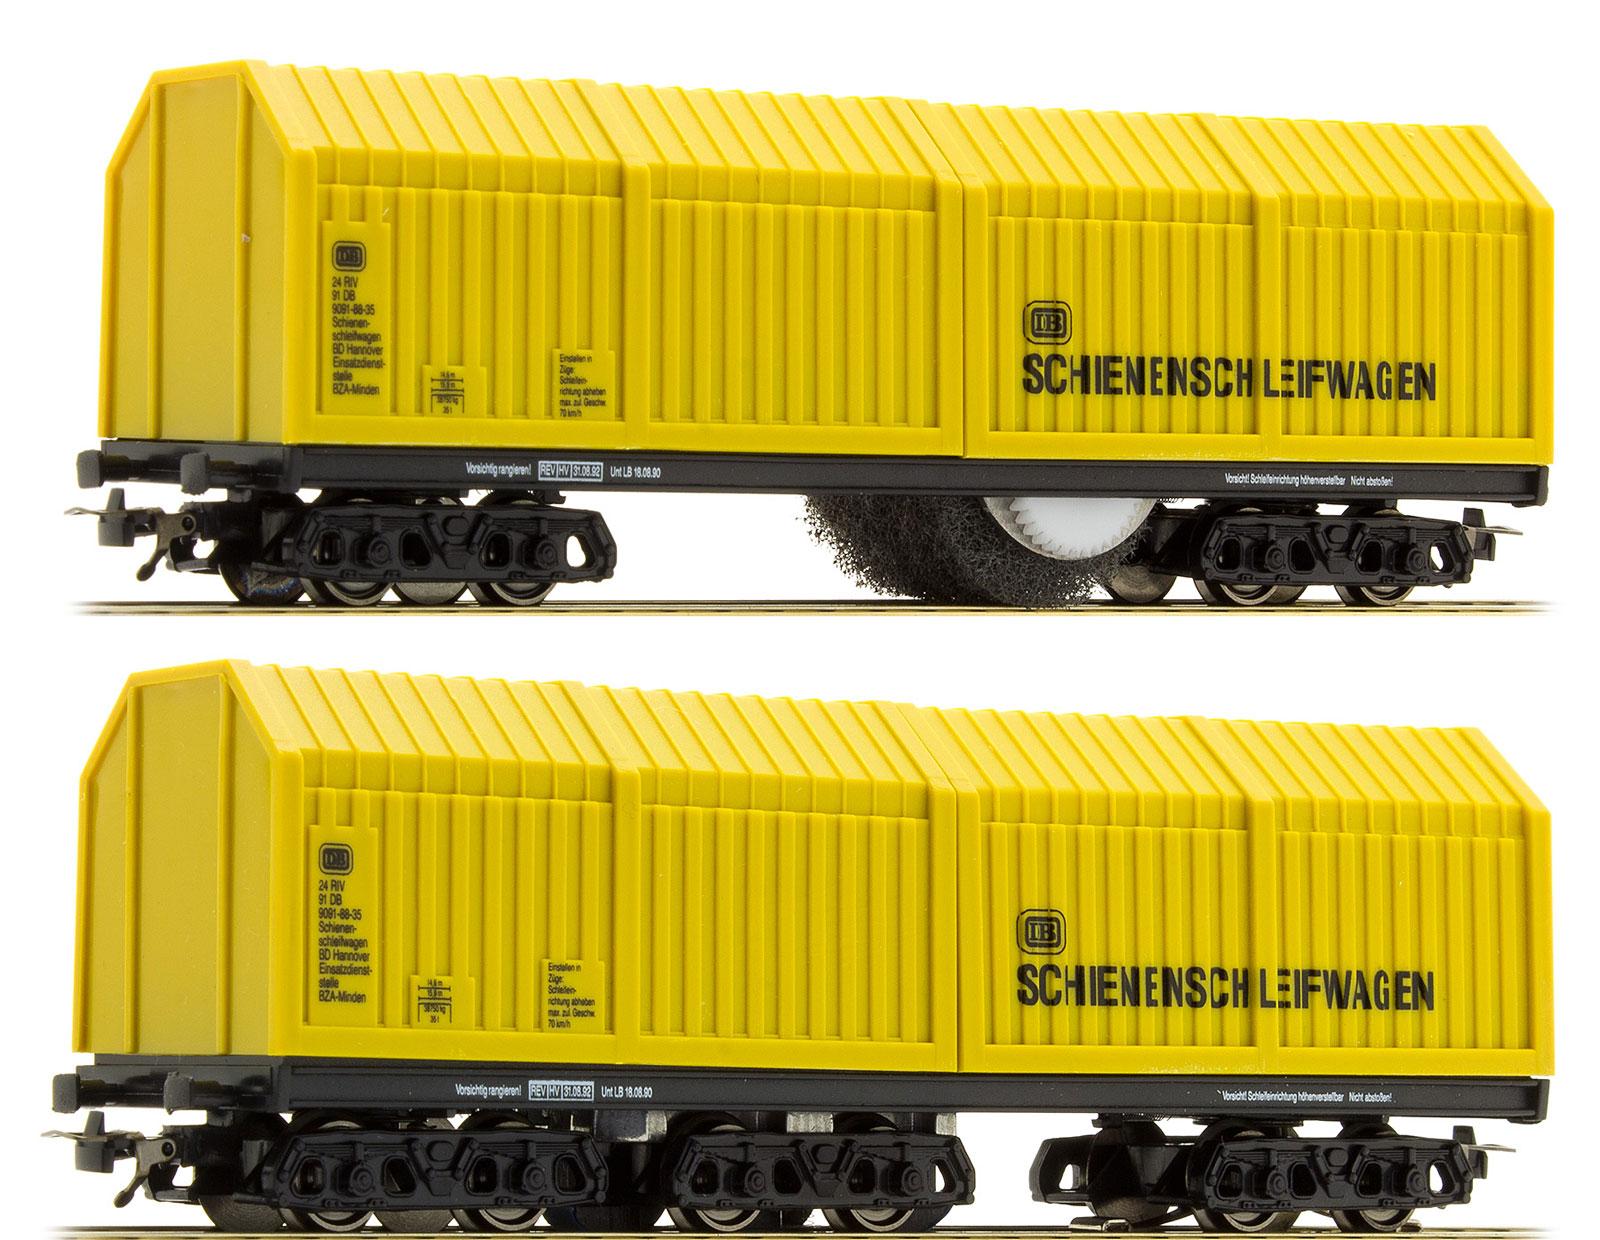 Lux 9130 h0 ferroviario y oberleitungsschleifwagen ac ~ System nuevo en OVP